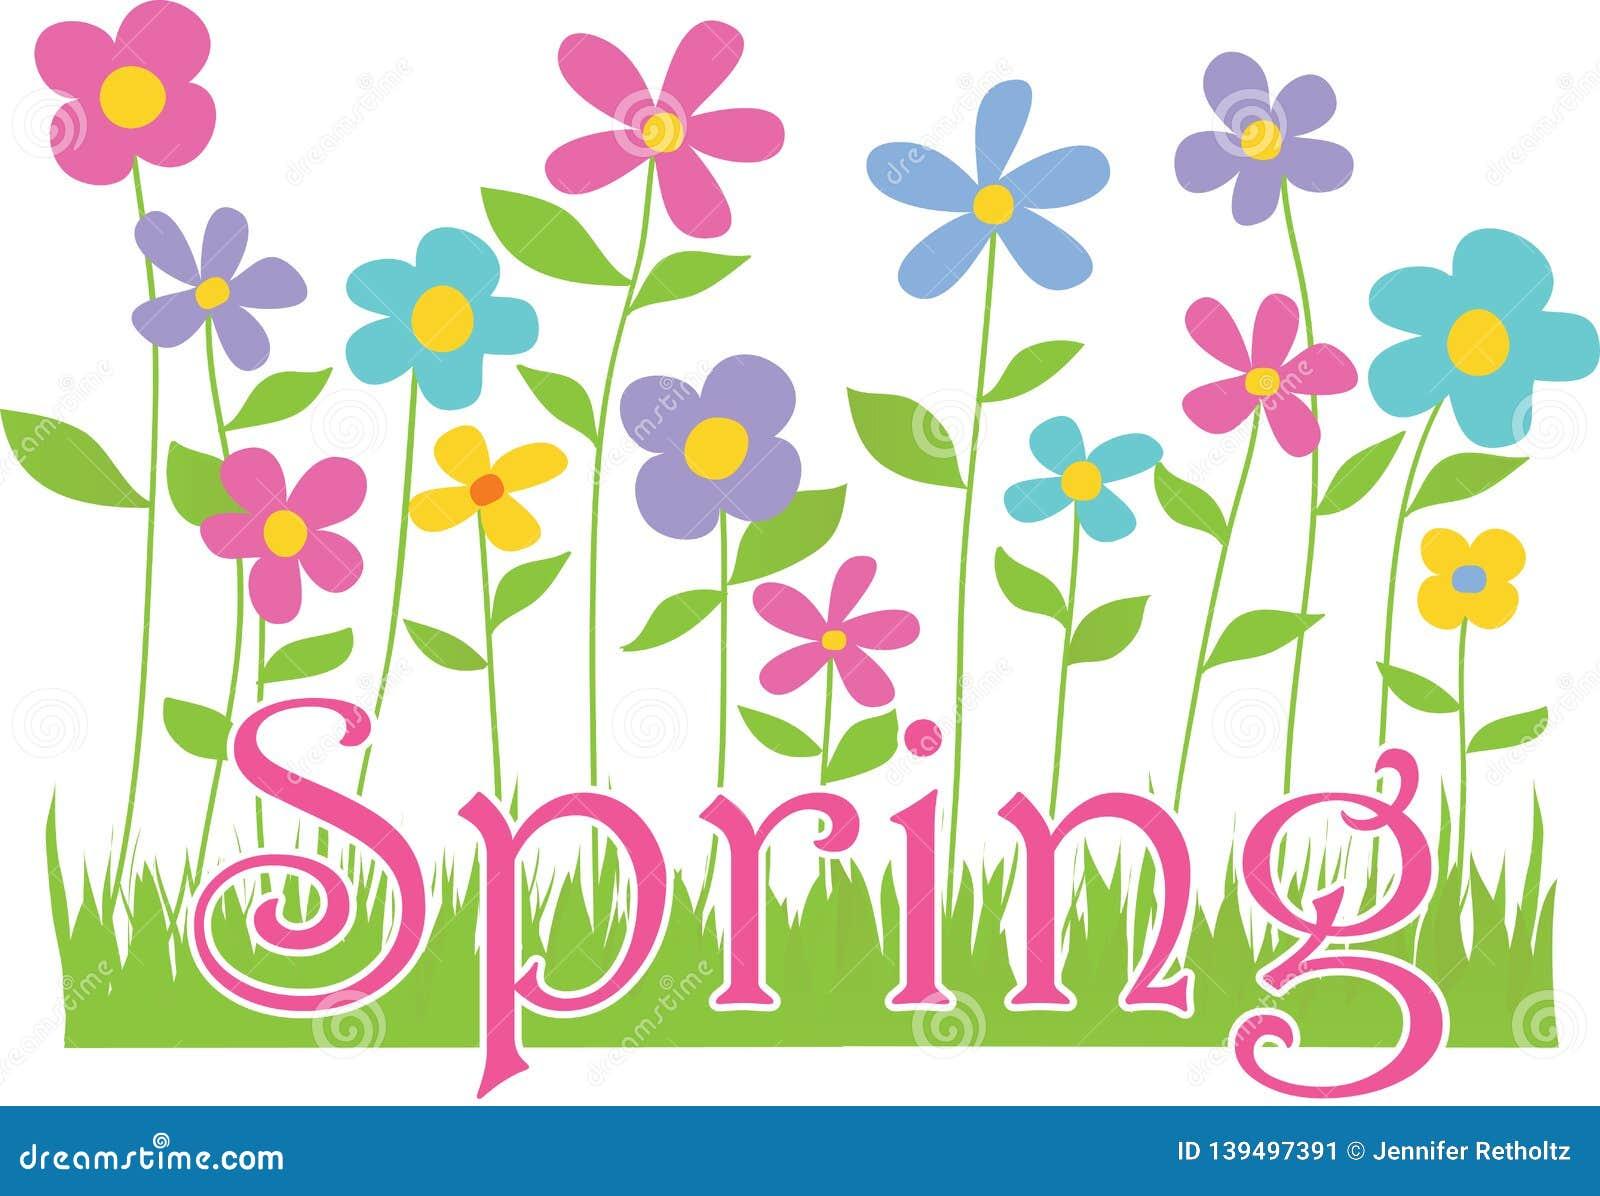 De lentebloemen met tekst